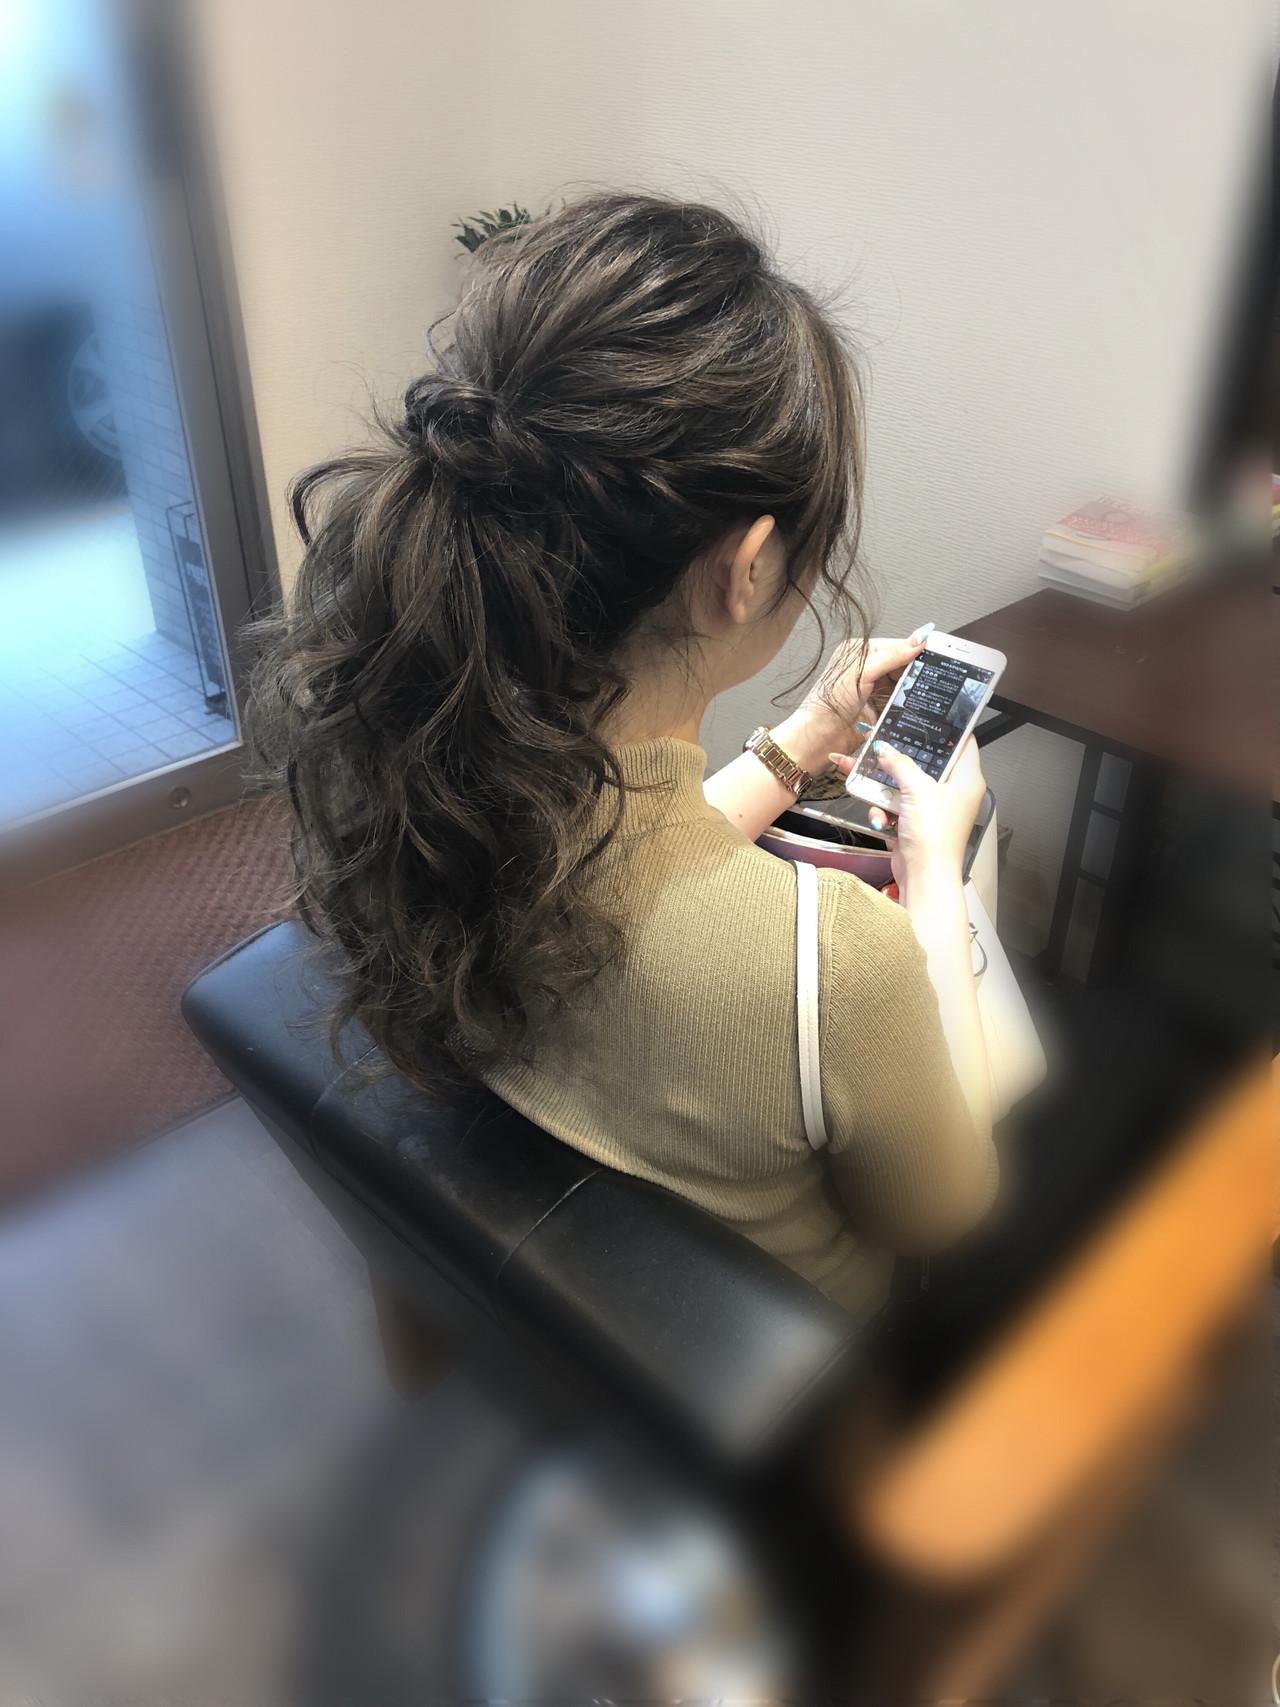 結婚式 フェミニン ヘアセット ねじり ヘアスタイルや髪型の写真・画像 | mai / HAIR SALON STELLA